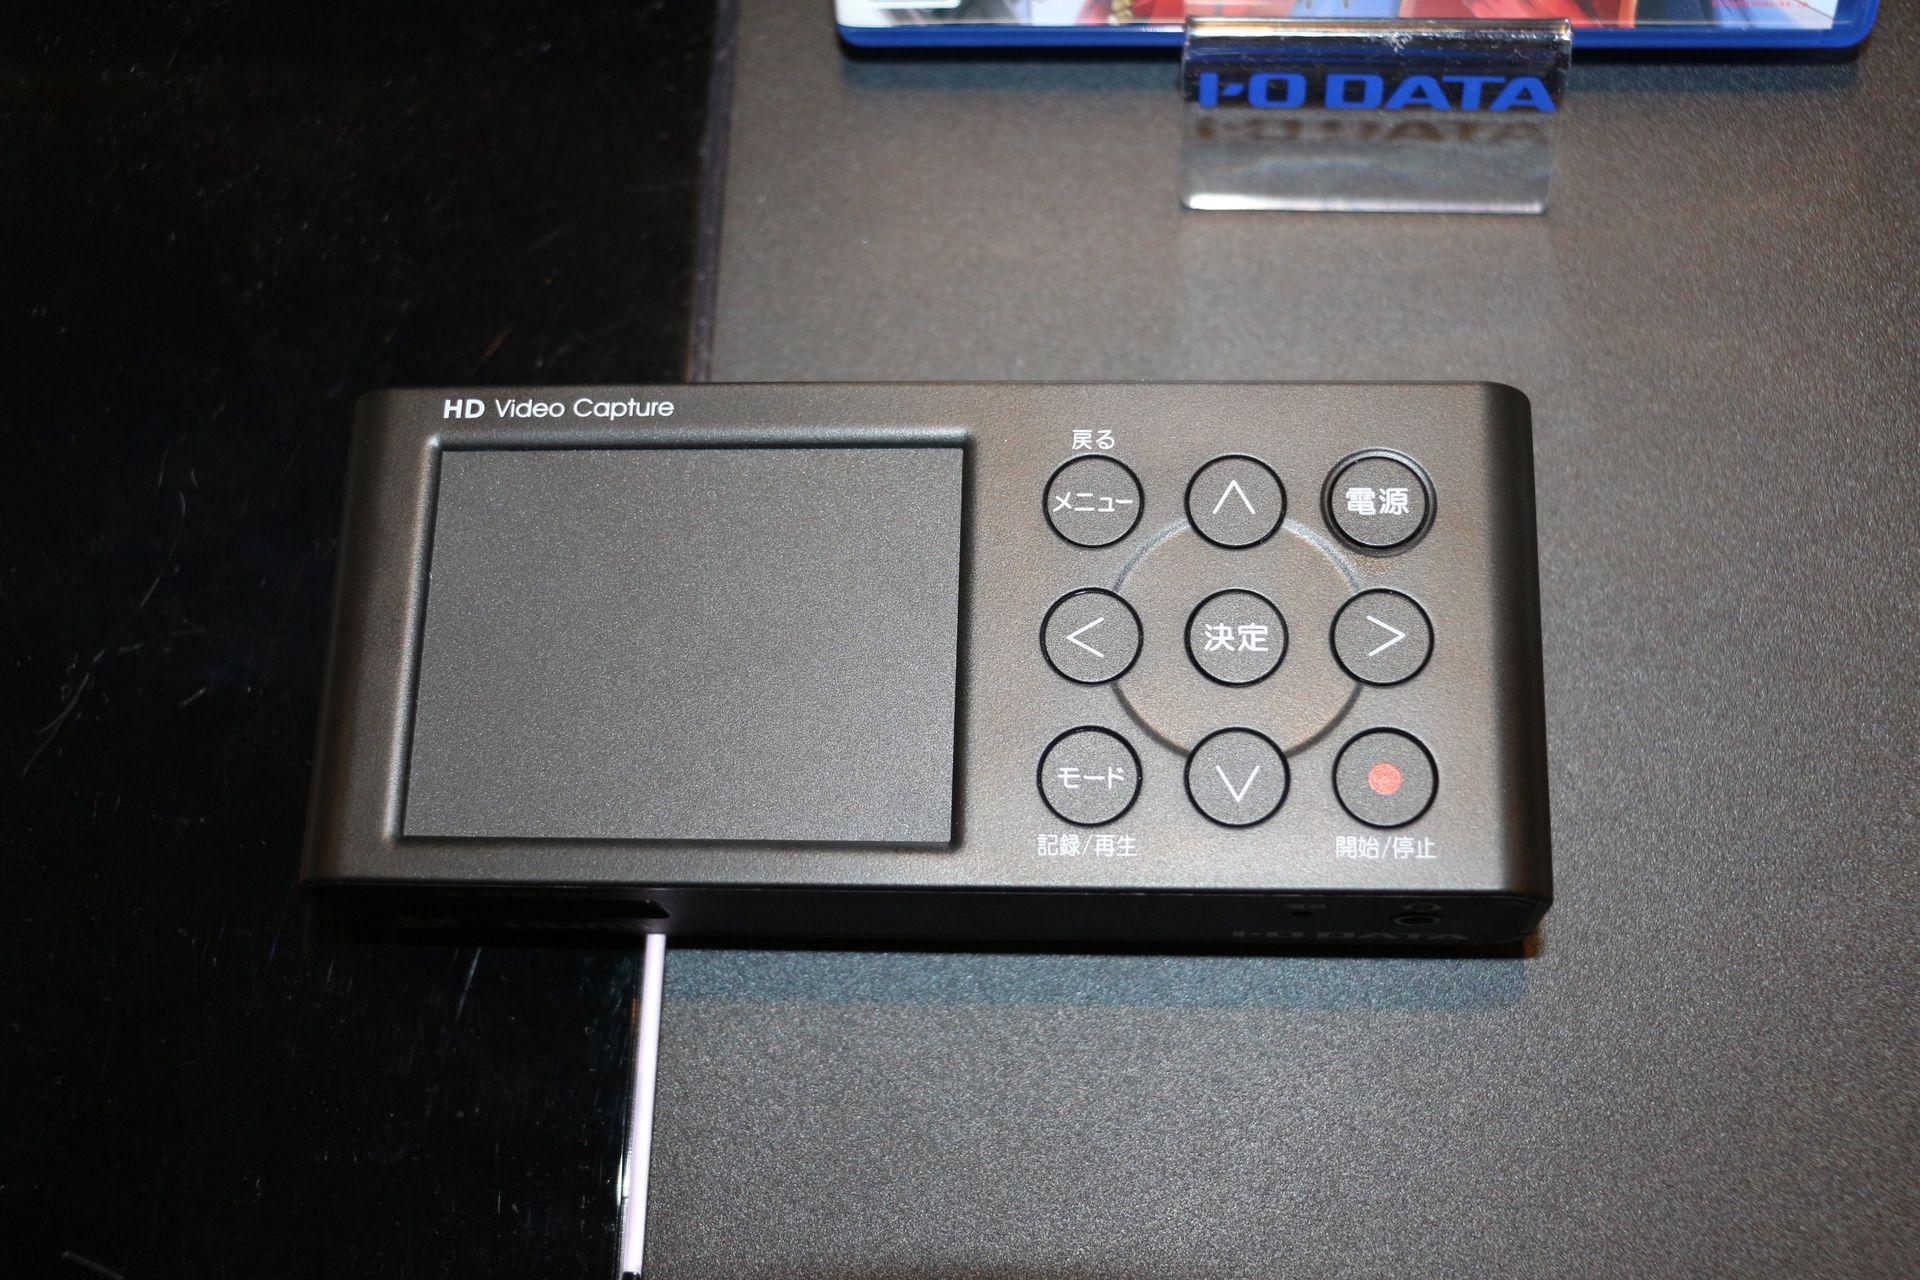 筐体はアナログビデオキャプチャデバイス「GV-SDREC」を引き継いでいるため、説明が書かれていた左半分が真っ黒なままとなっている